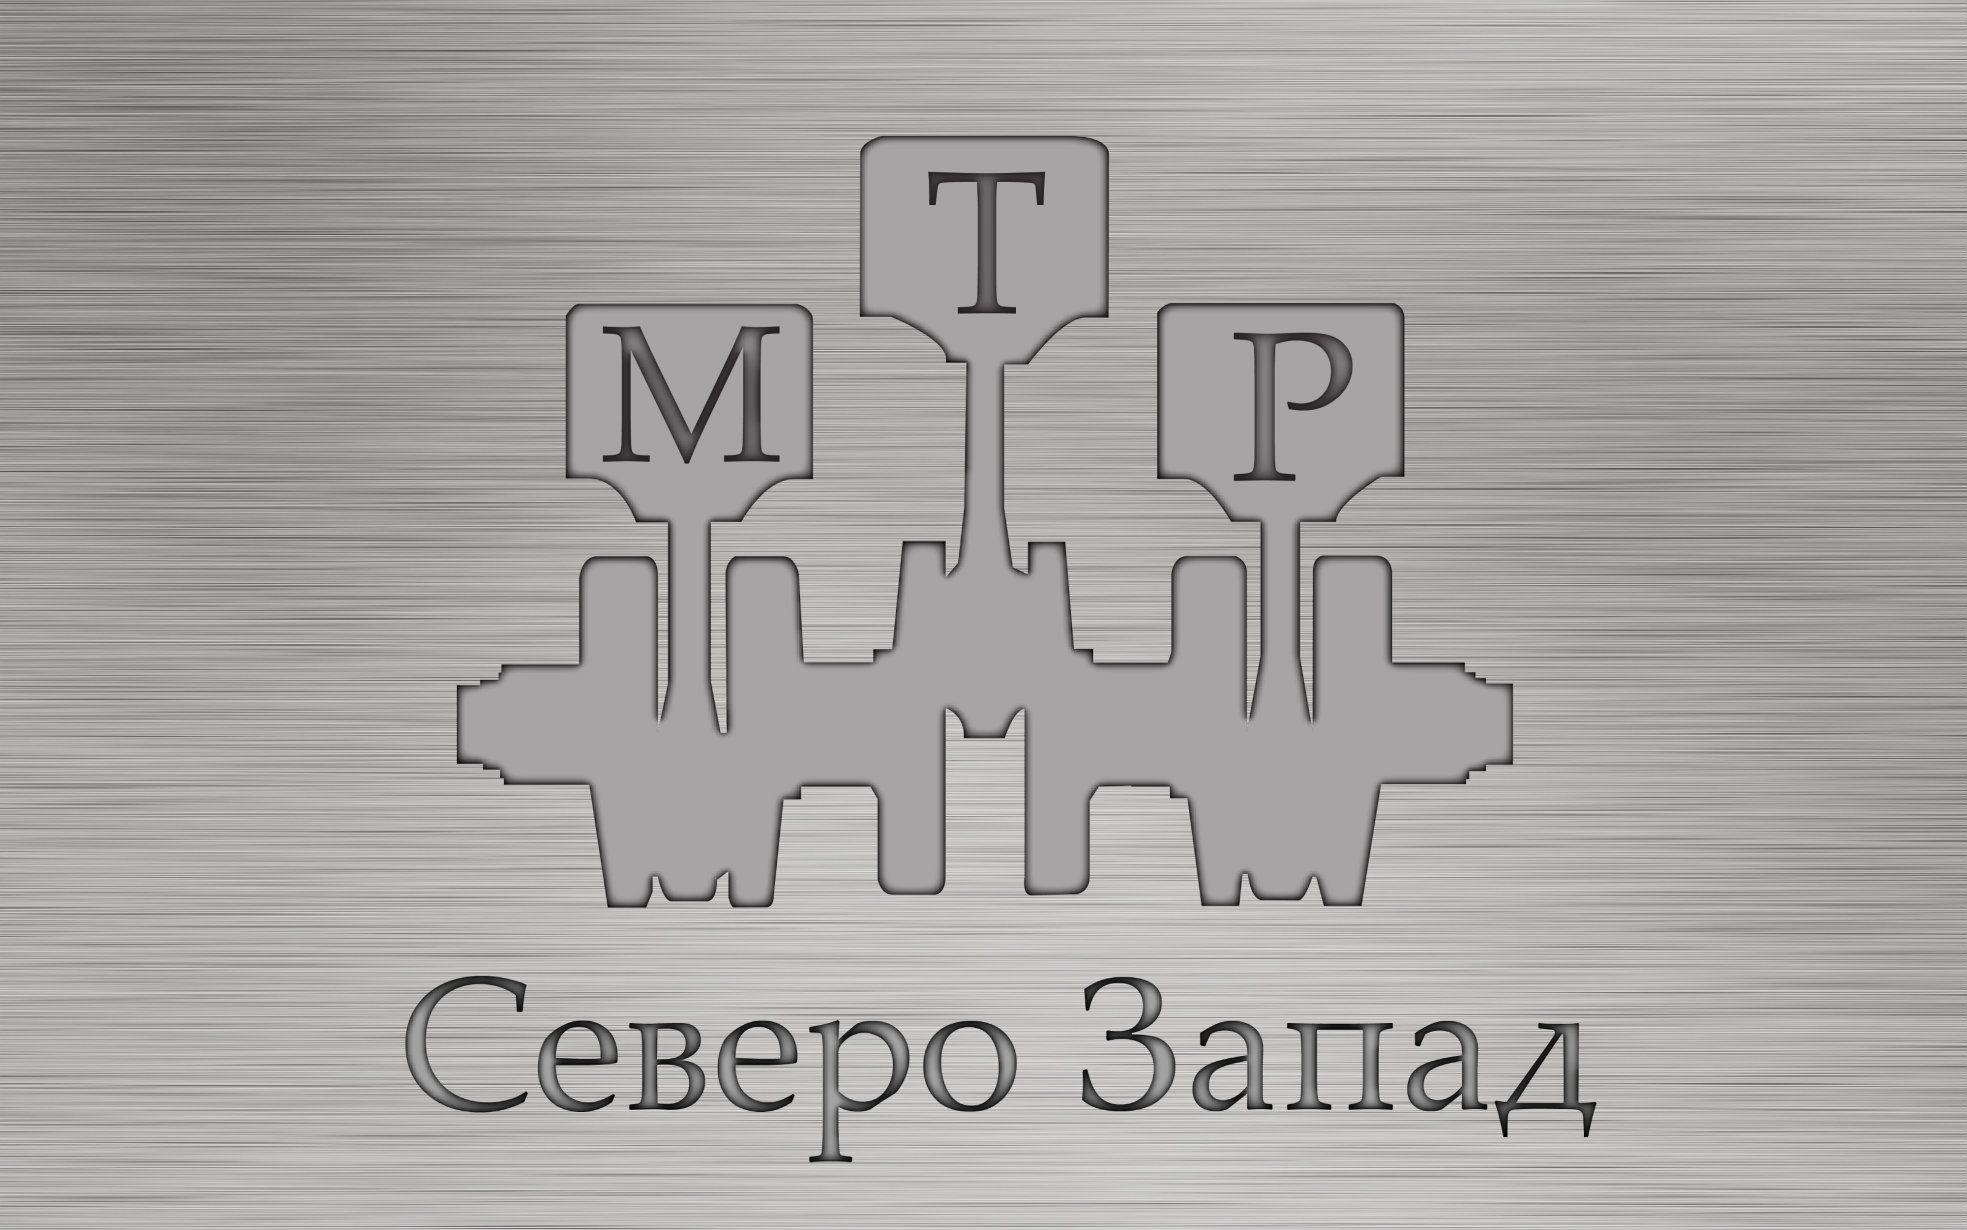 Редизайн лого (производство и продажа мототехники) - дизайнер Azotttt2